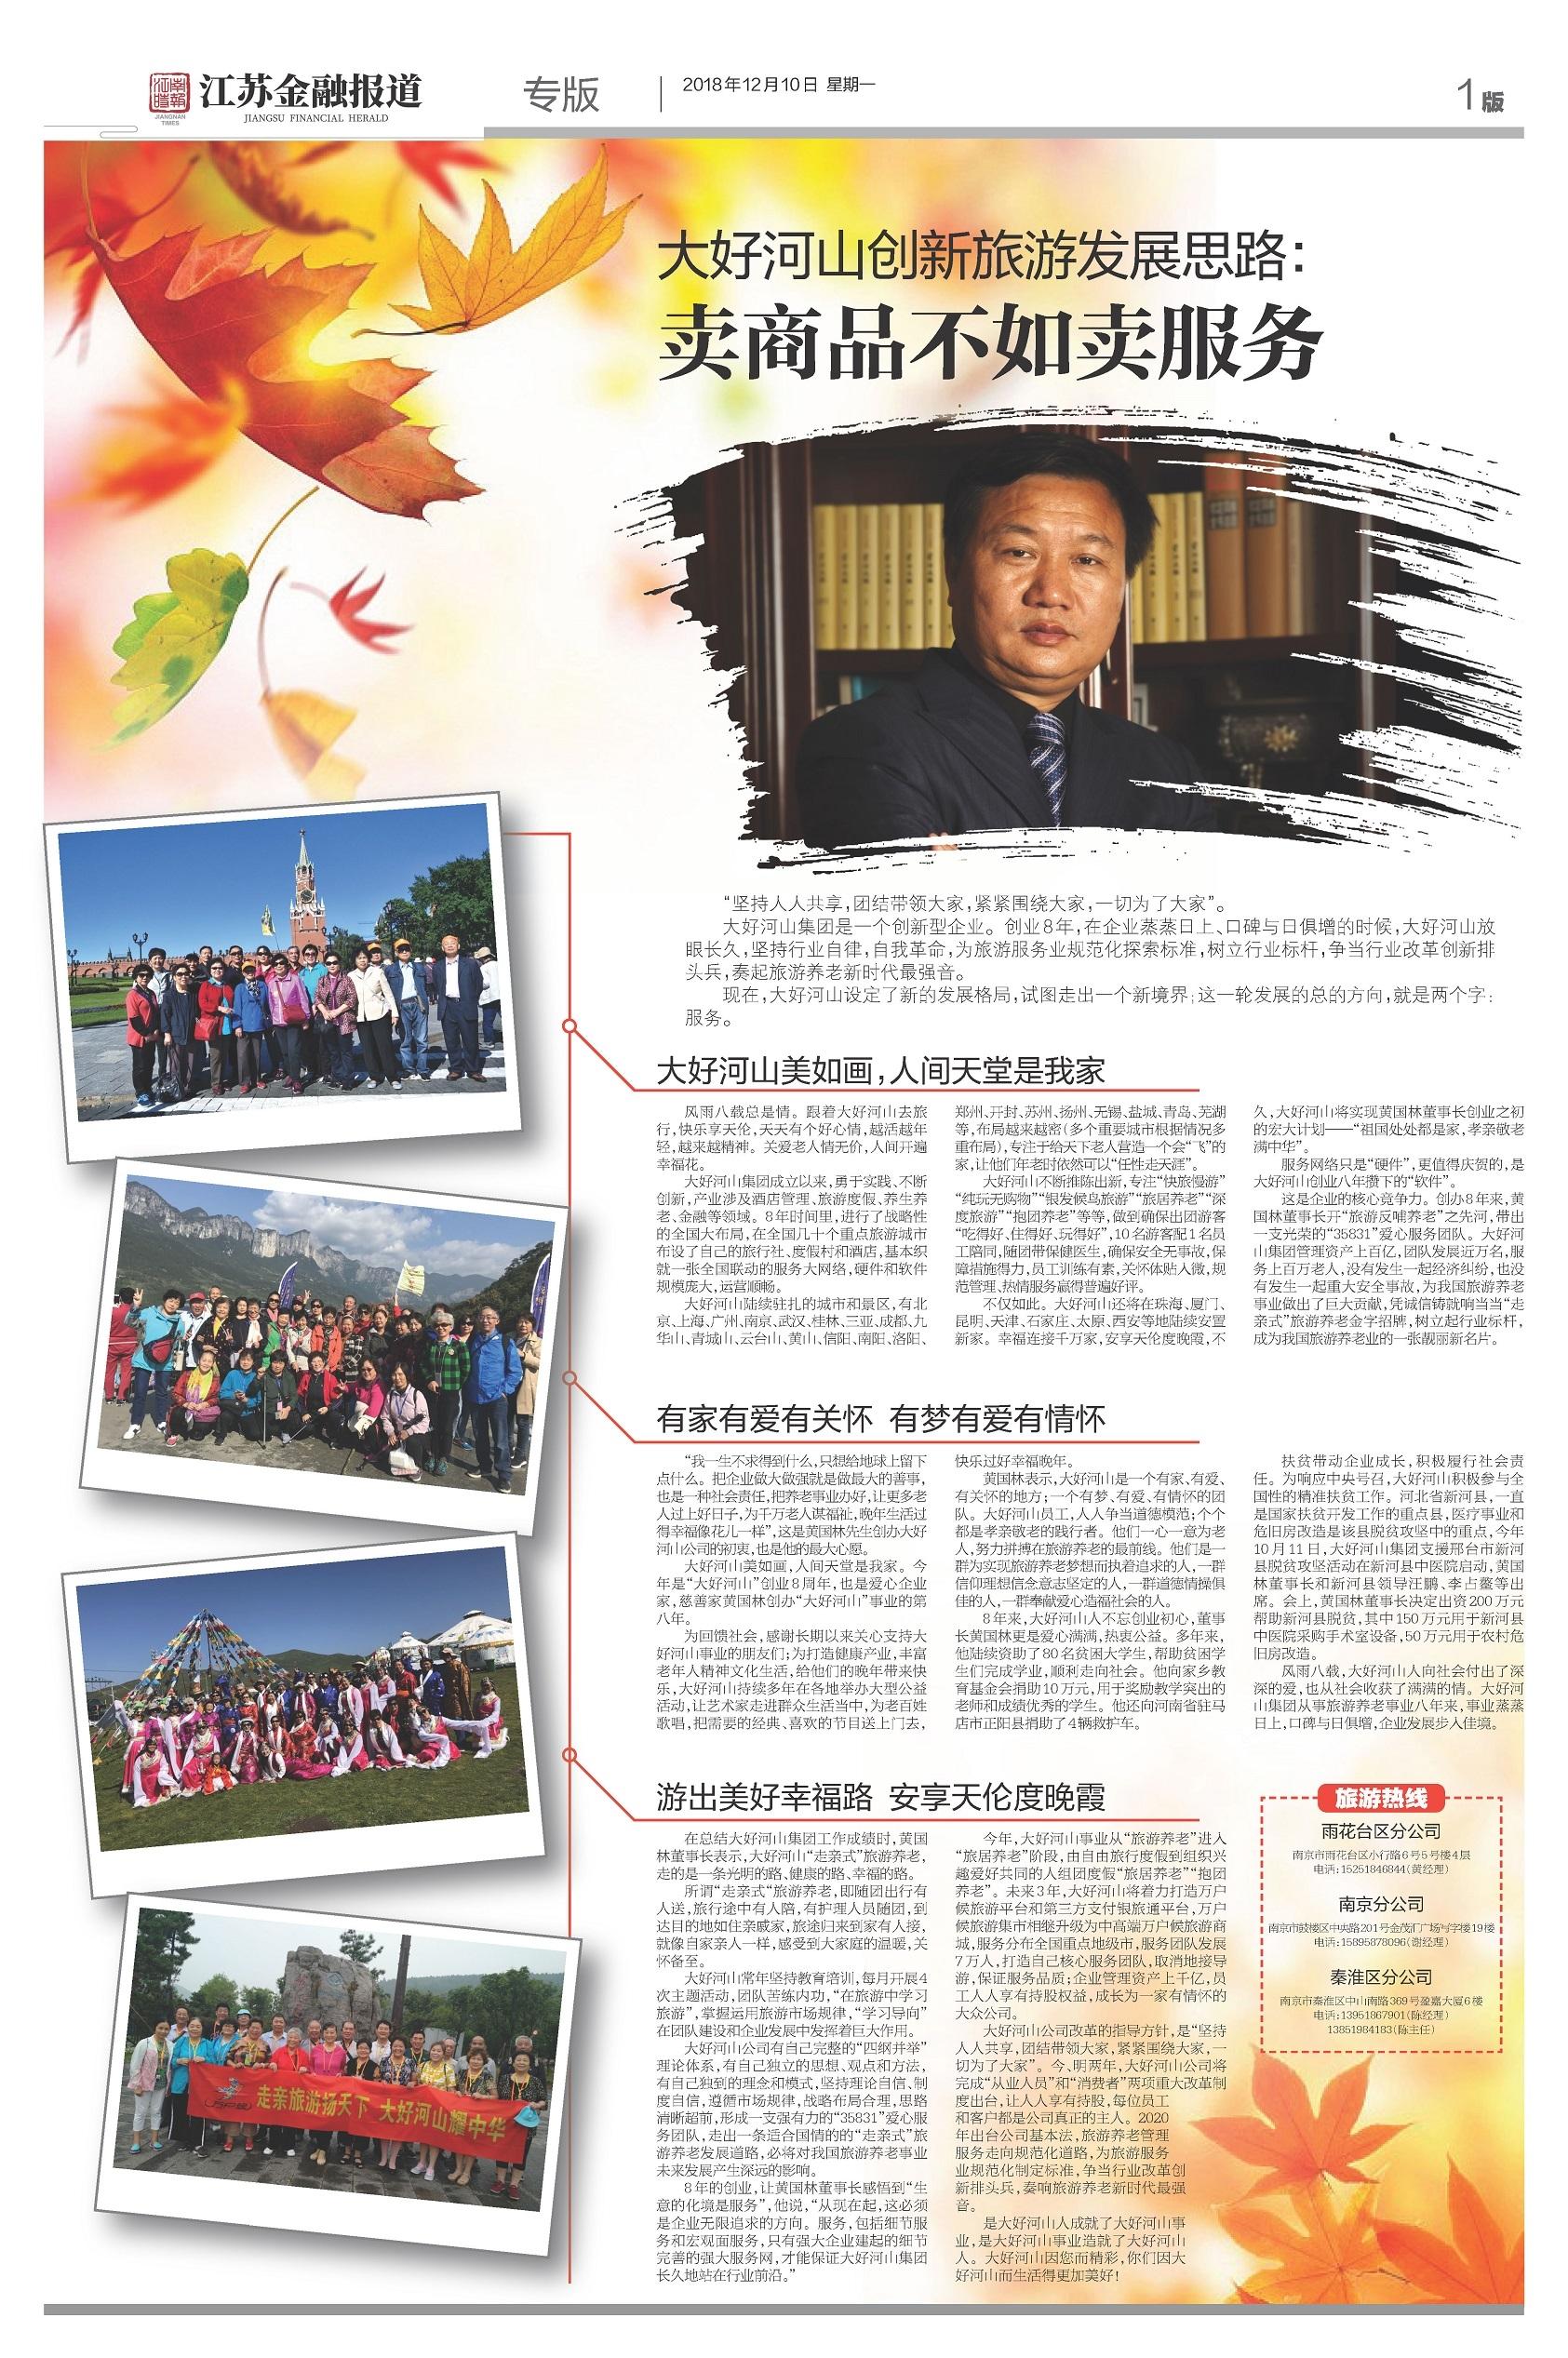 江南时报 2018-12-10 5版